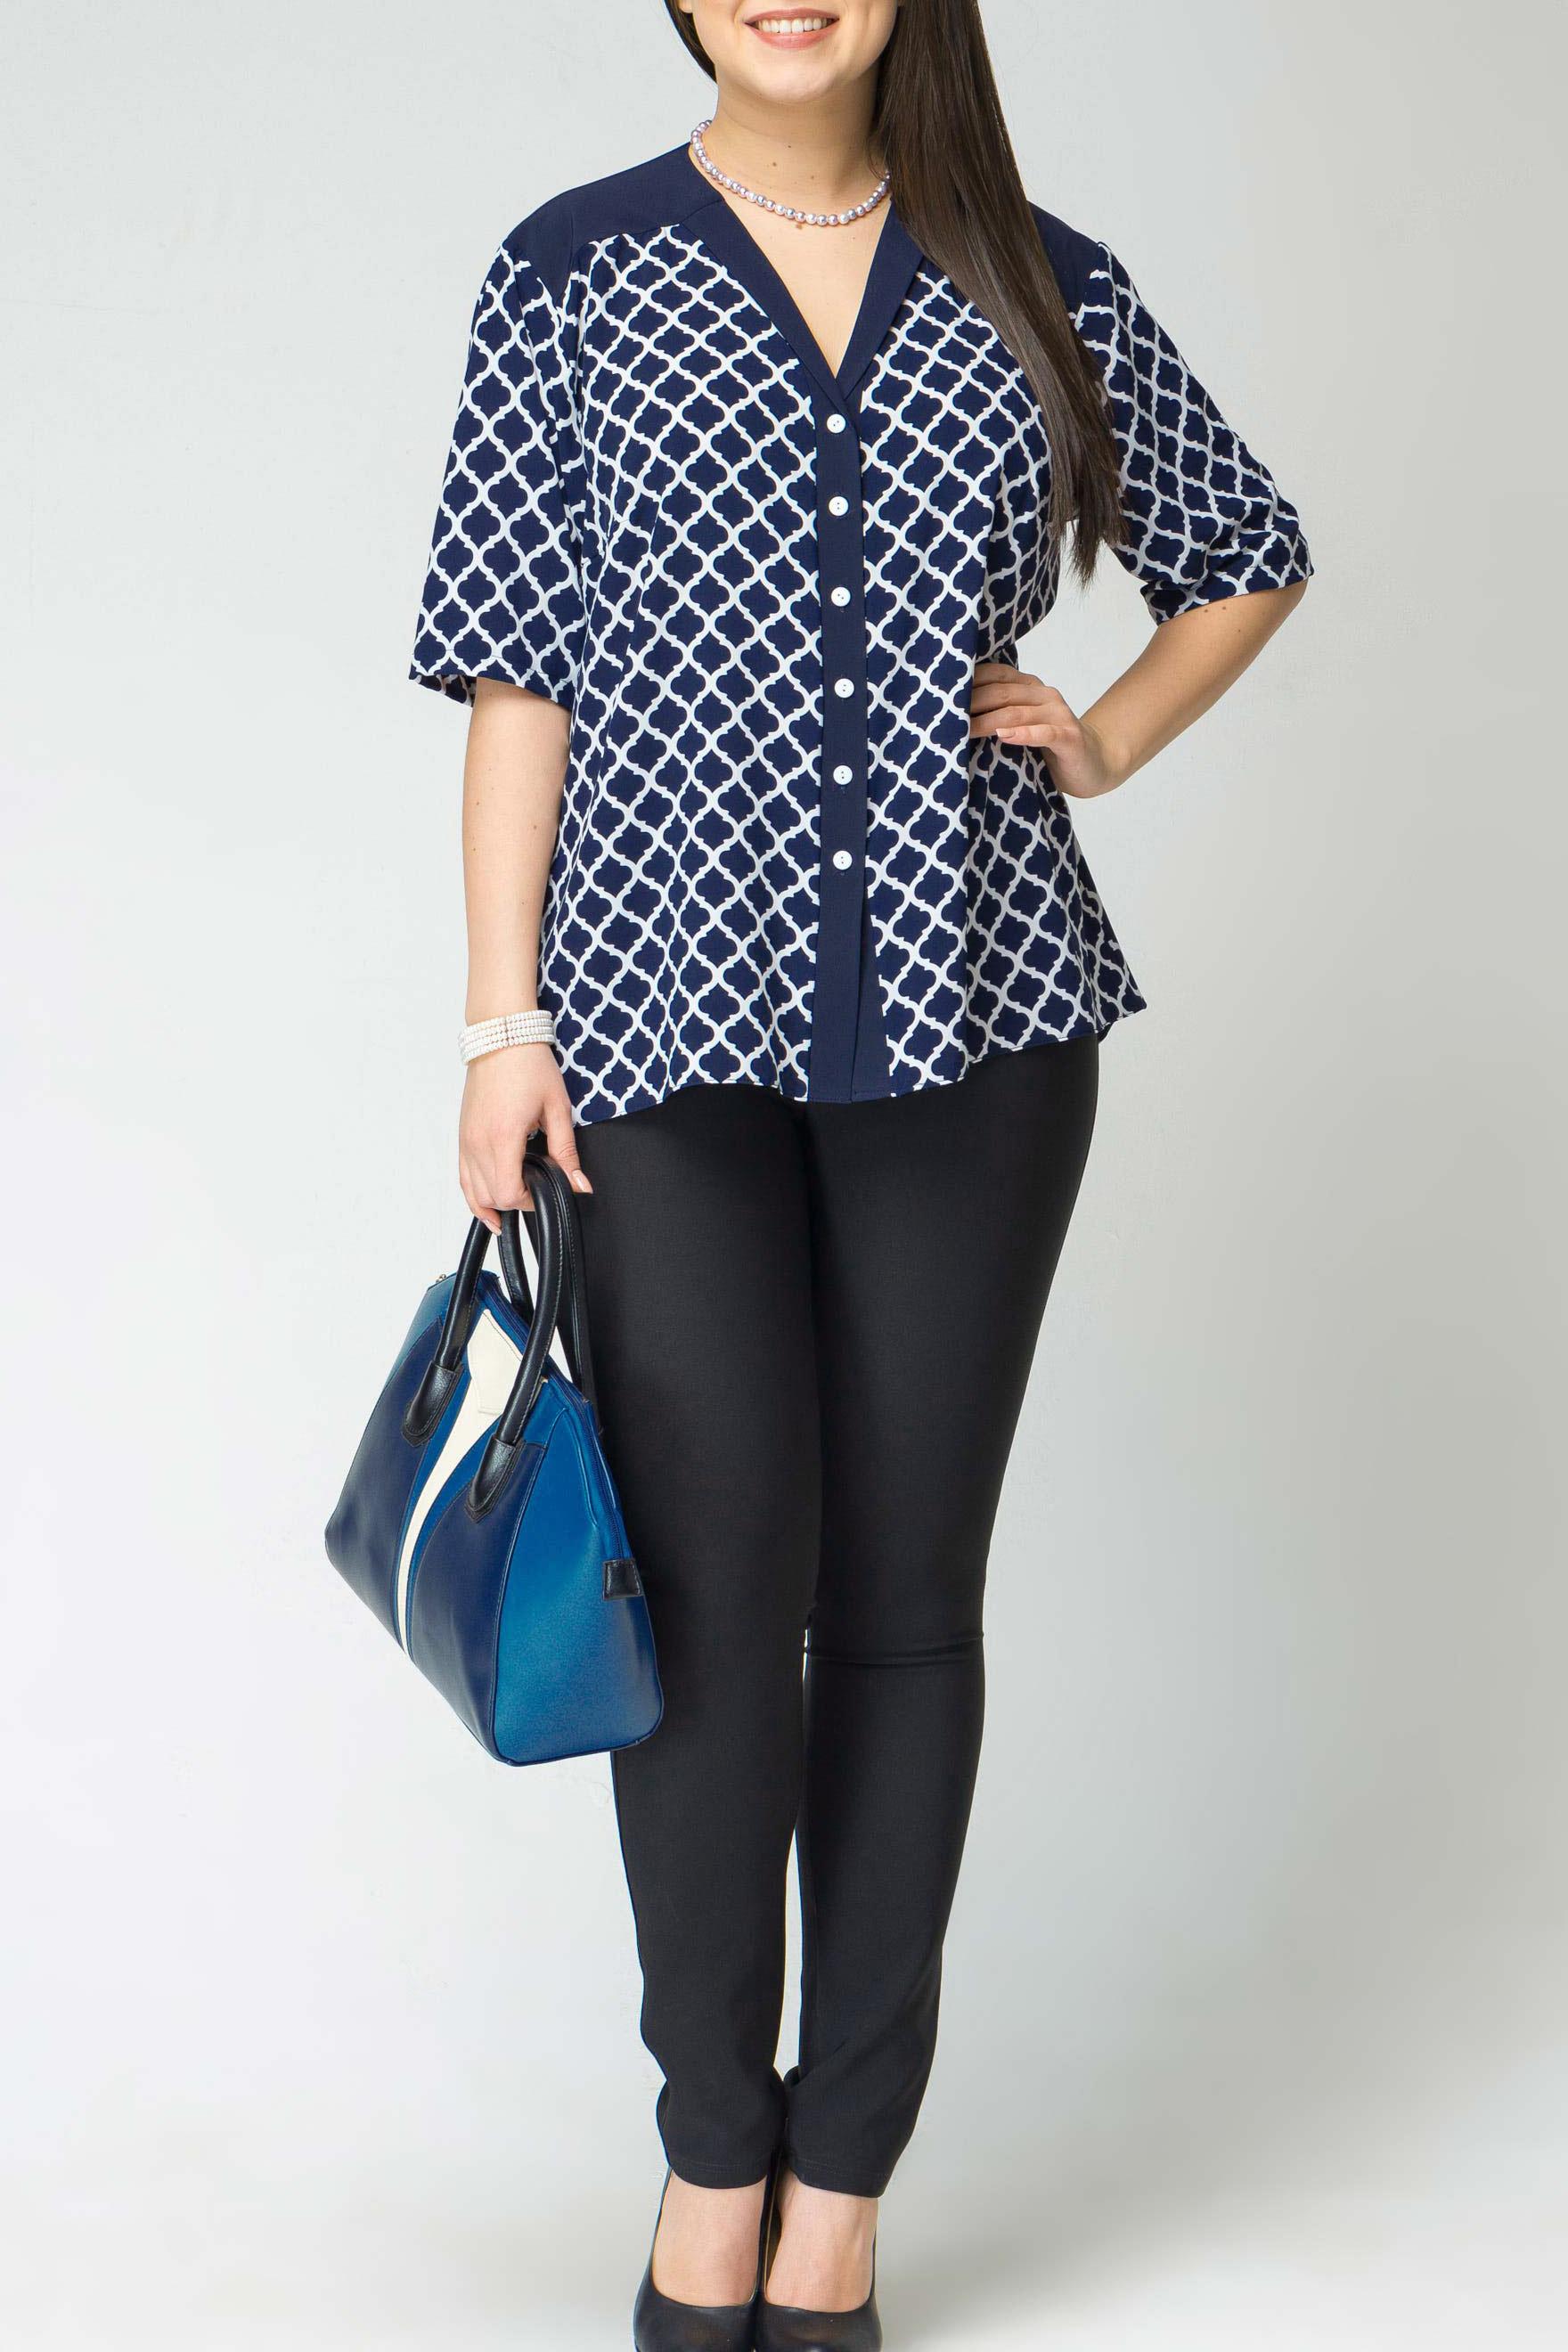 БлузкаБлузки<br>Удобная блузка свободного силуэта с рукавами до локтя. Модель выполнена из приятного материала. Отличный выбор для повседневного гардероба.  В изделии использованы цвета: синий, белый  Длина рукава 34-35 см. в зависимости от размера.  Длина изделия по спинке 85-86 см. в зависимости от размера.  Рост девушки-фотомодели 170 см<br><br>Горловина: V- горловина<br>Застежка: С пуговицами<br>По материалу: Тканевые<br>По рисунку: С принтом,Цветные<br>По сезону: Весна,Зима,Лето,Осень,Всесезон<br>По силуэту: Прямые<br>По стилю: Повседневный стиль<br>Рукав: До локтя<br>Размер : 52,54,56,58<br>Материал: Блузочная ткань<br>Количество в наличии: 9